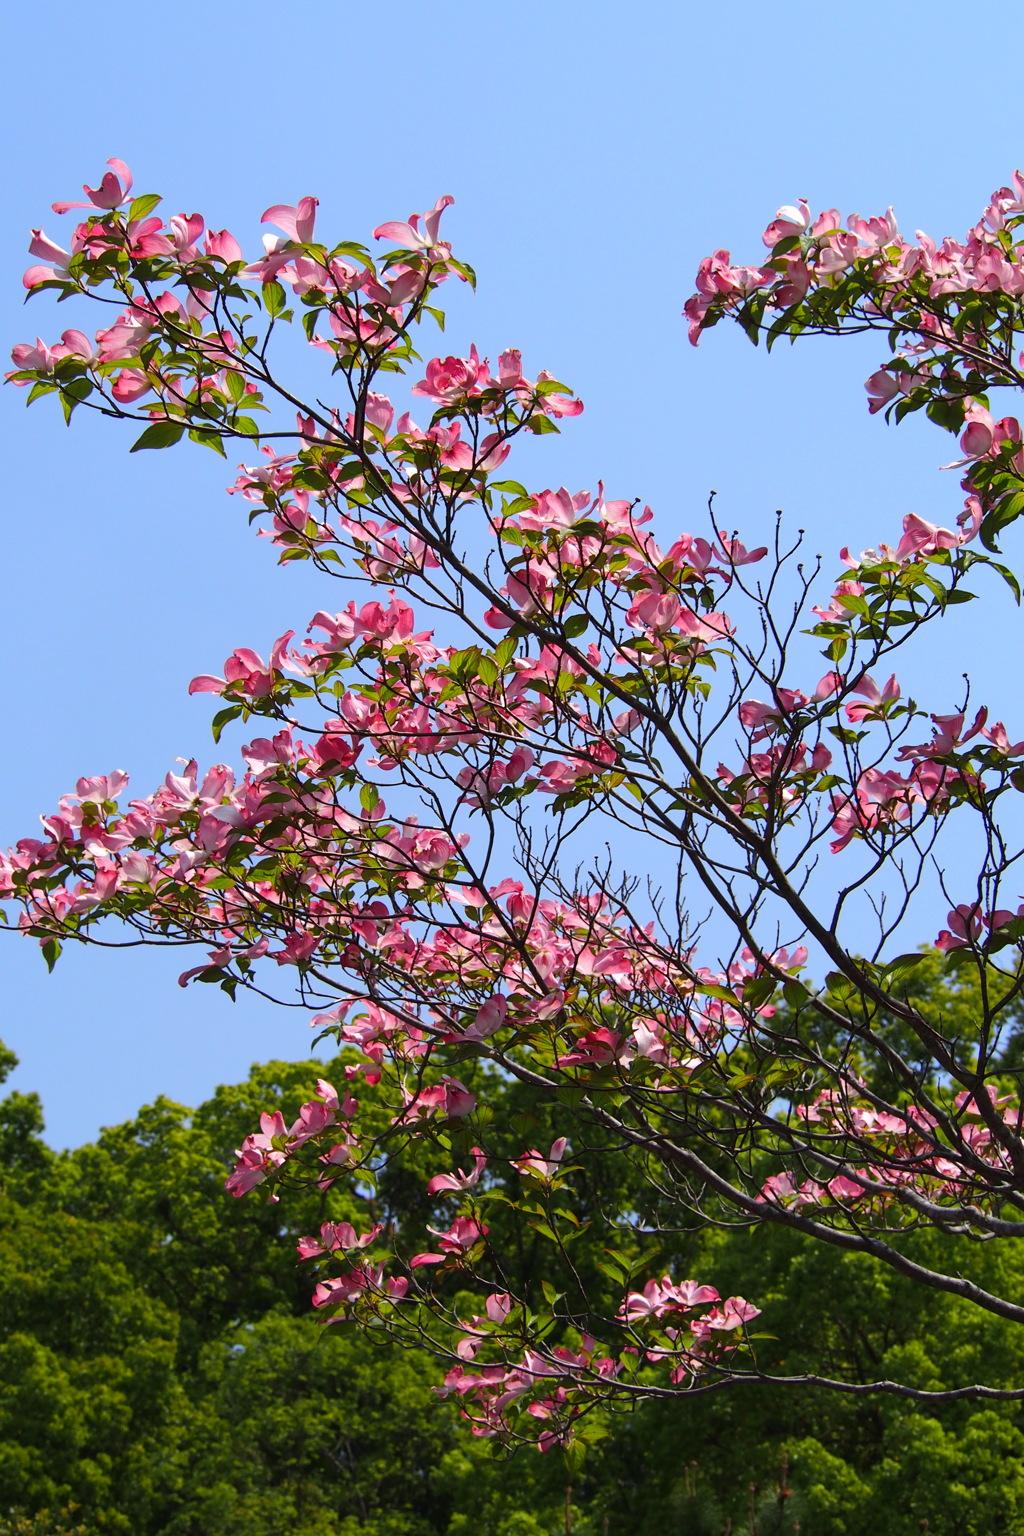 五月晴れ 緑もピンクも 清々し